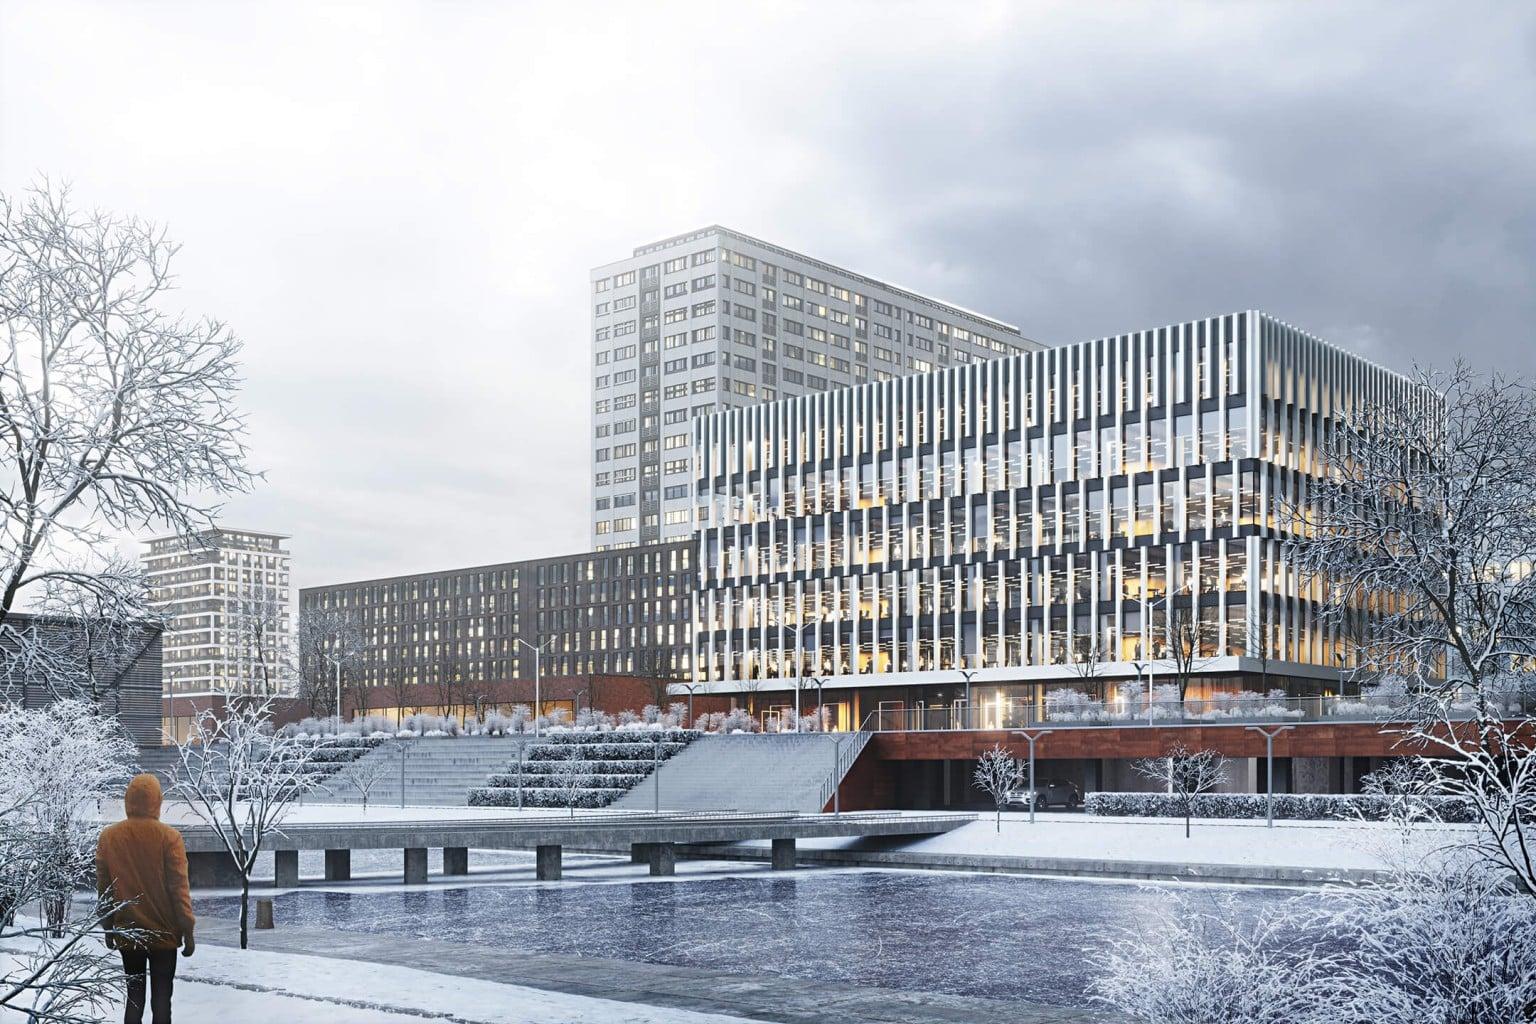 Render externo de um prédio - Arquiteto: promova de maneira inteligente seus serviços com a visualização 3D